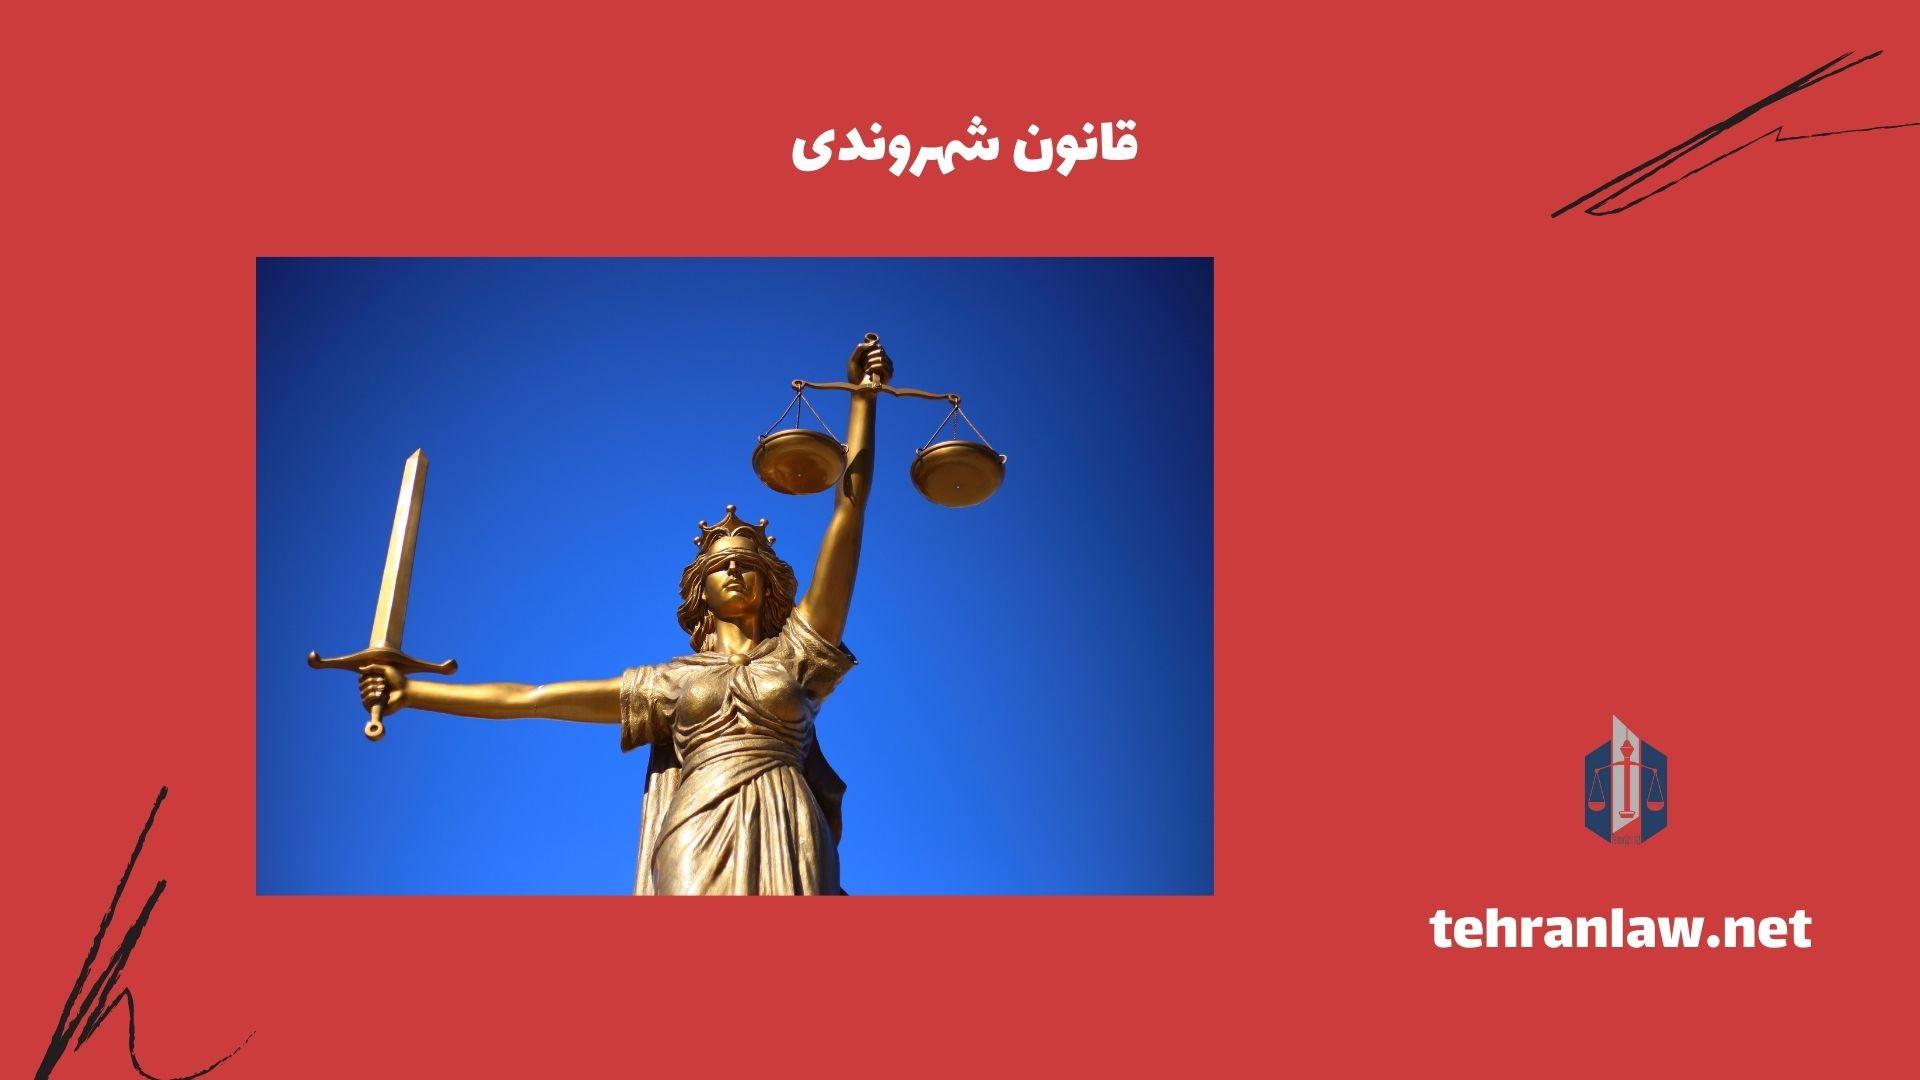 قانون شهروندی